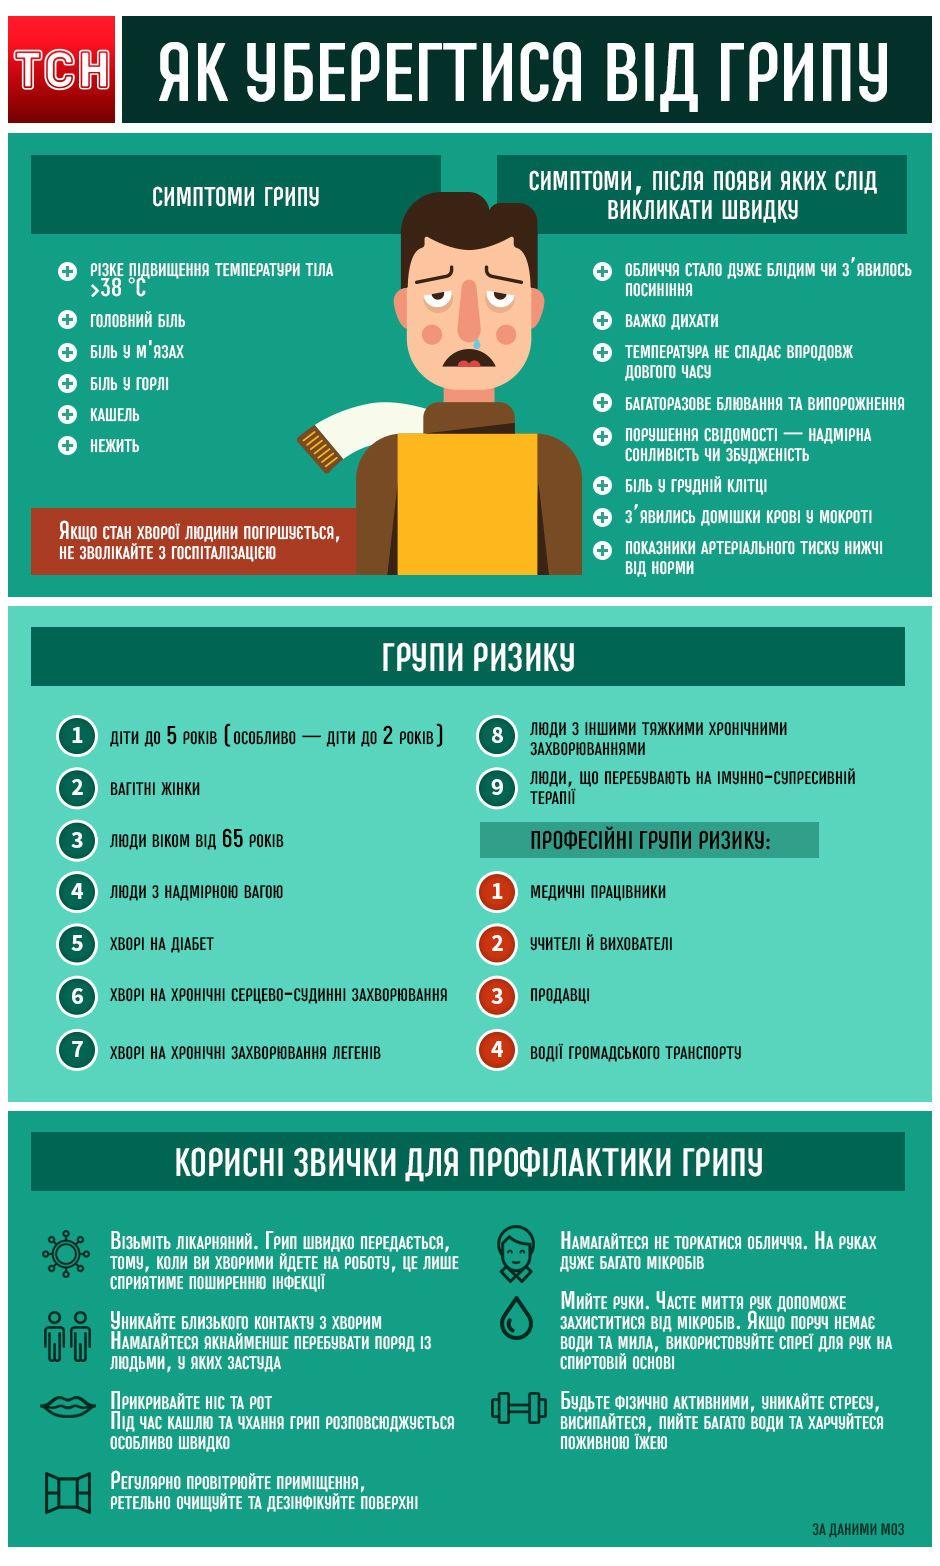 Поради від МОЗ. Інфографіка